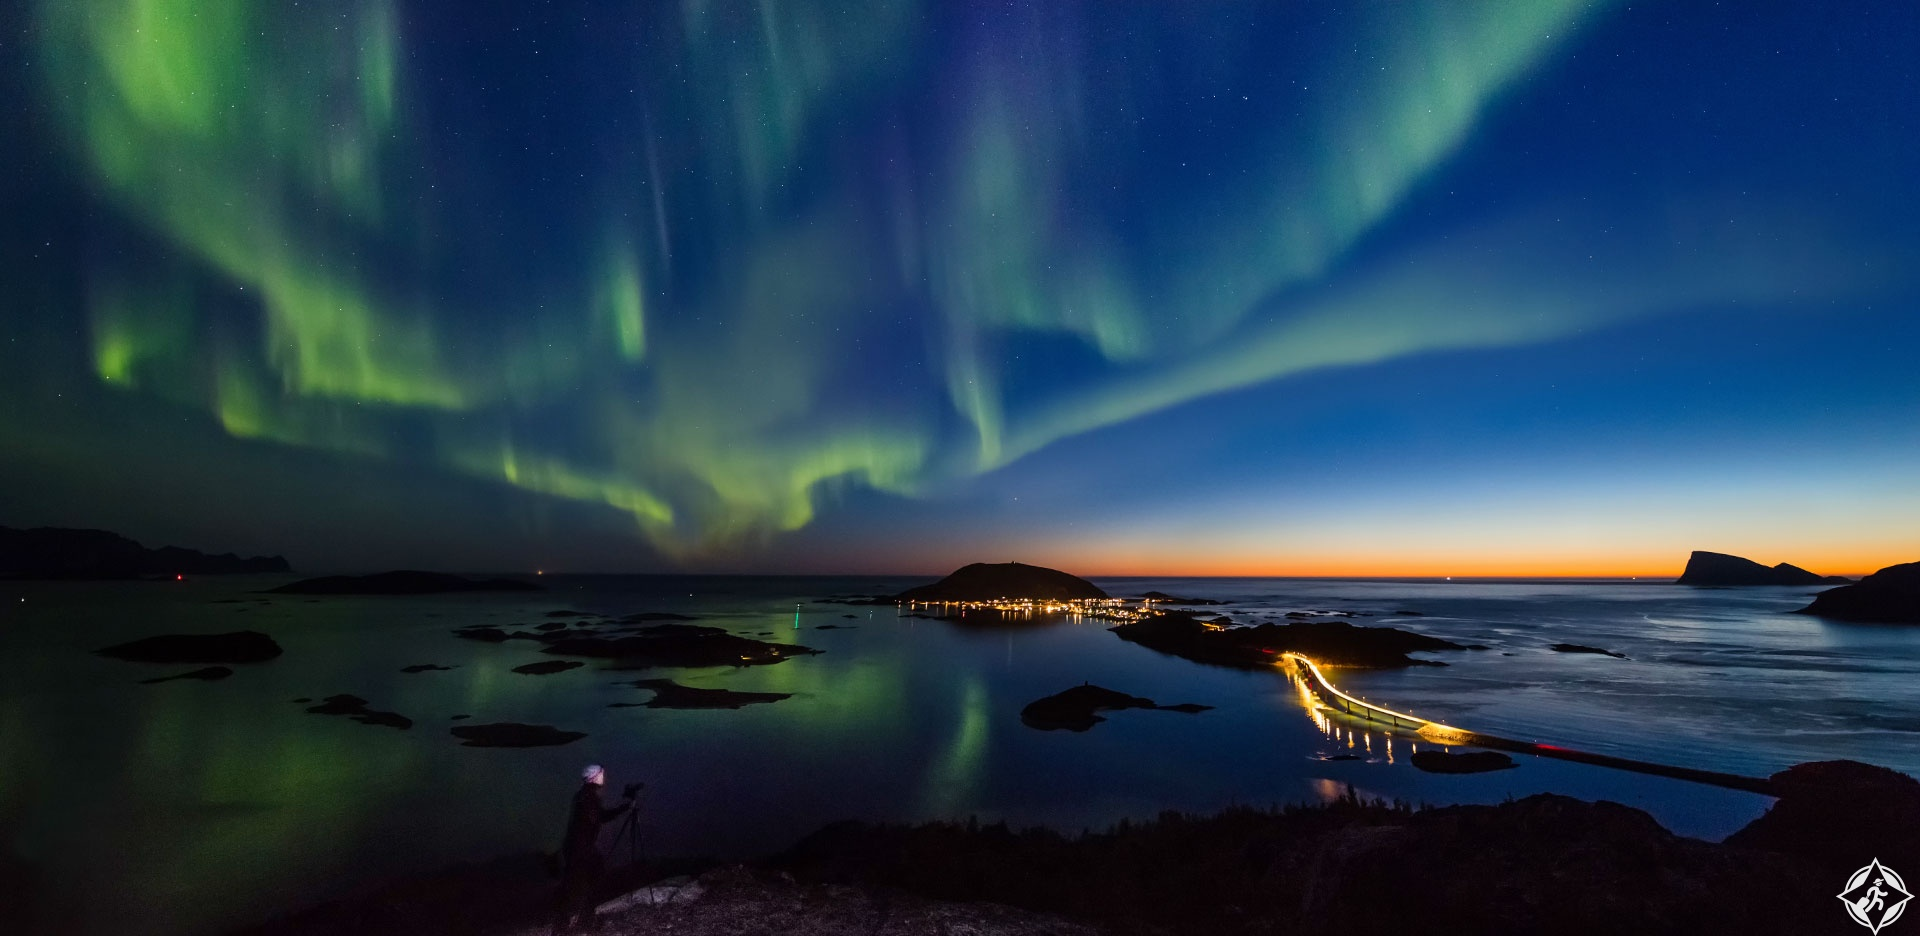 الشفق القطبي الشمالي في النرويج